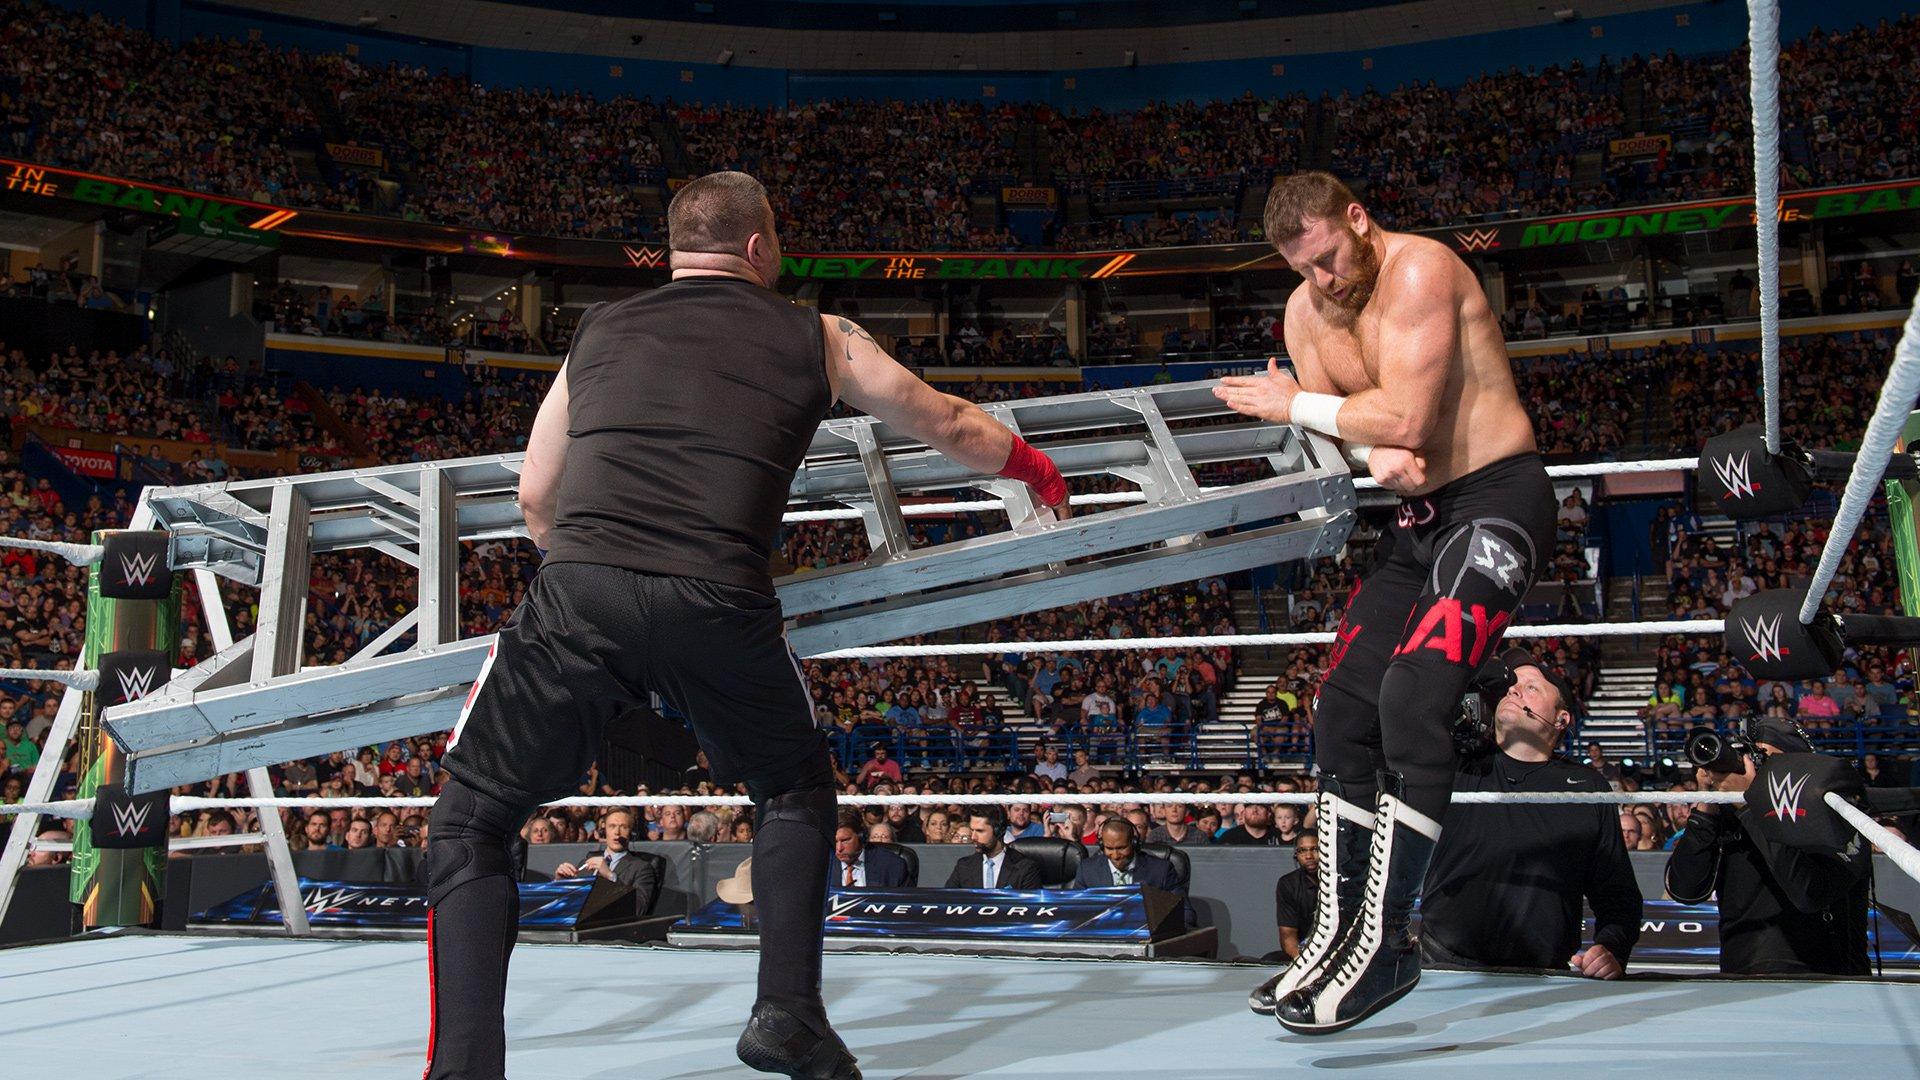 Le Match de l'échelle Money in the Bank Masculin: WWE Money in the Bank 2017 (Match Intégral - Exclusivité WWE Network)